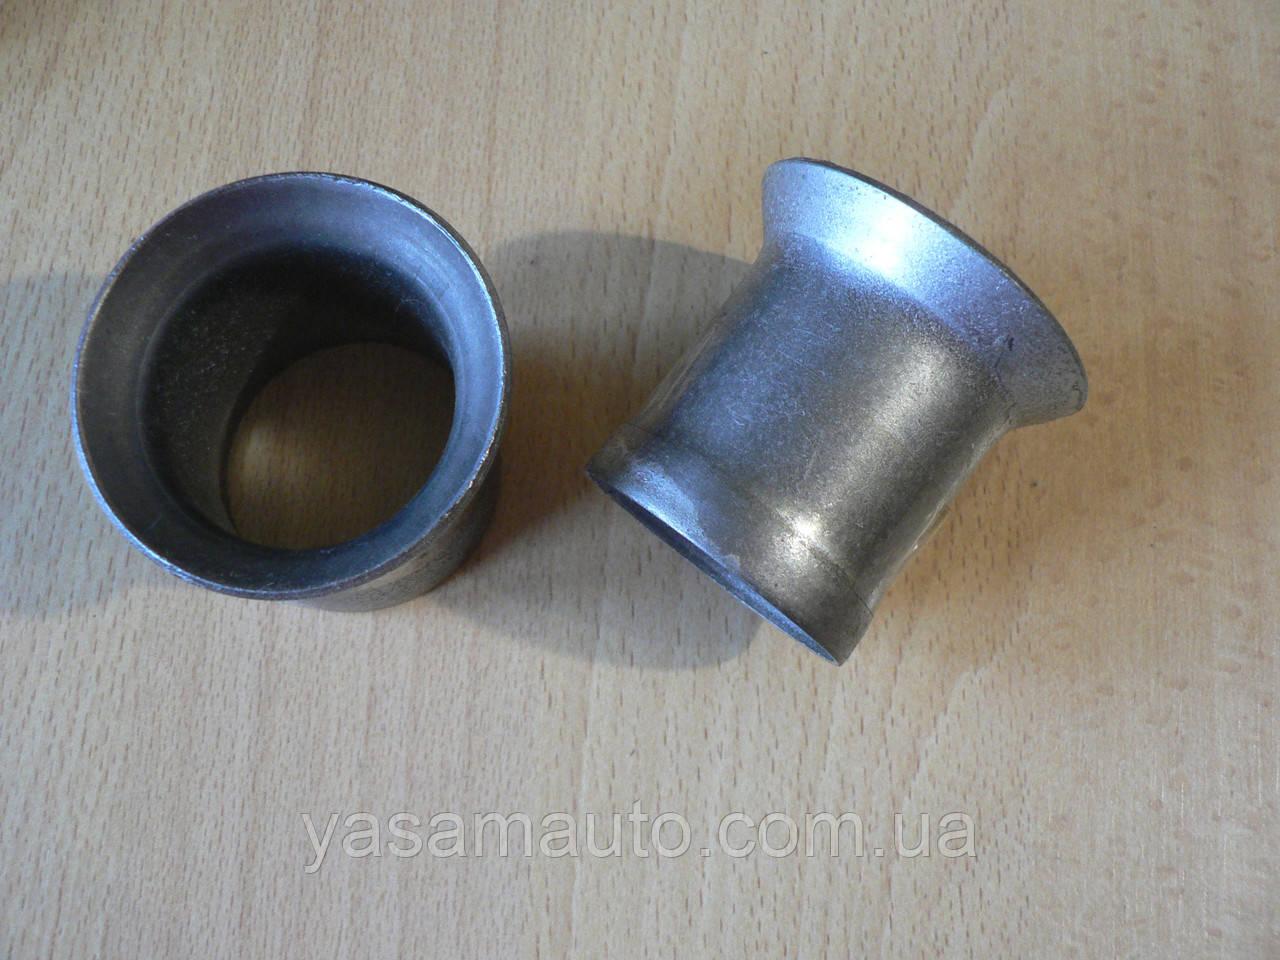 Ремкомплект глушителя ВАЗ 2108 - 2109 трубы промежуточной вставка 1шт длинной 51мм